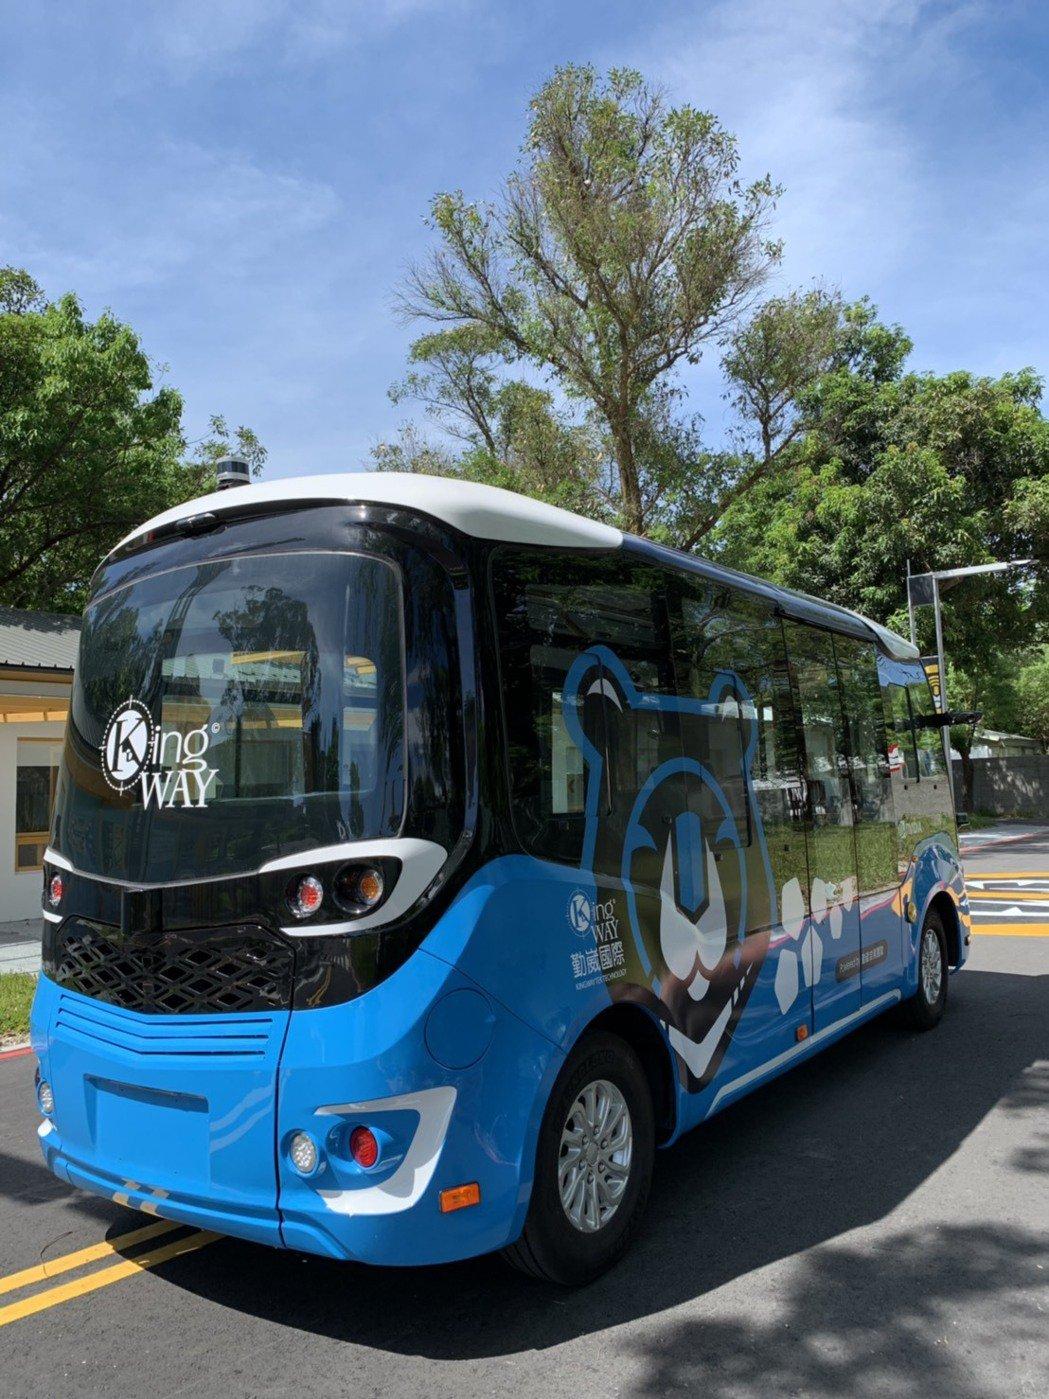 為打造全國第一個將智慧自動駕駛電動巴士導入公共運輸系統接駁的測試運行計畫,新北市...